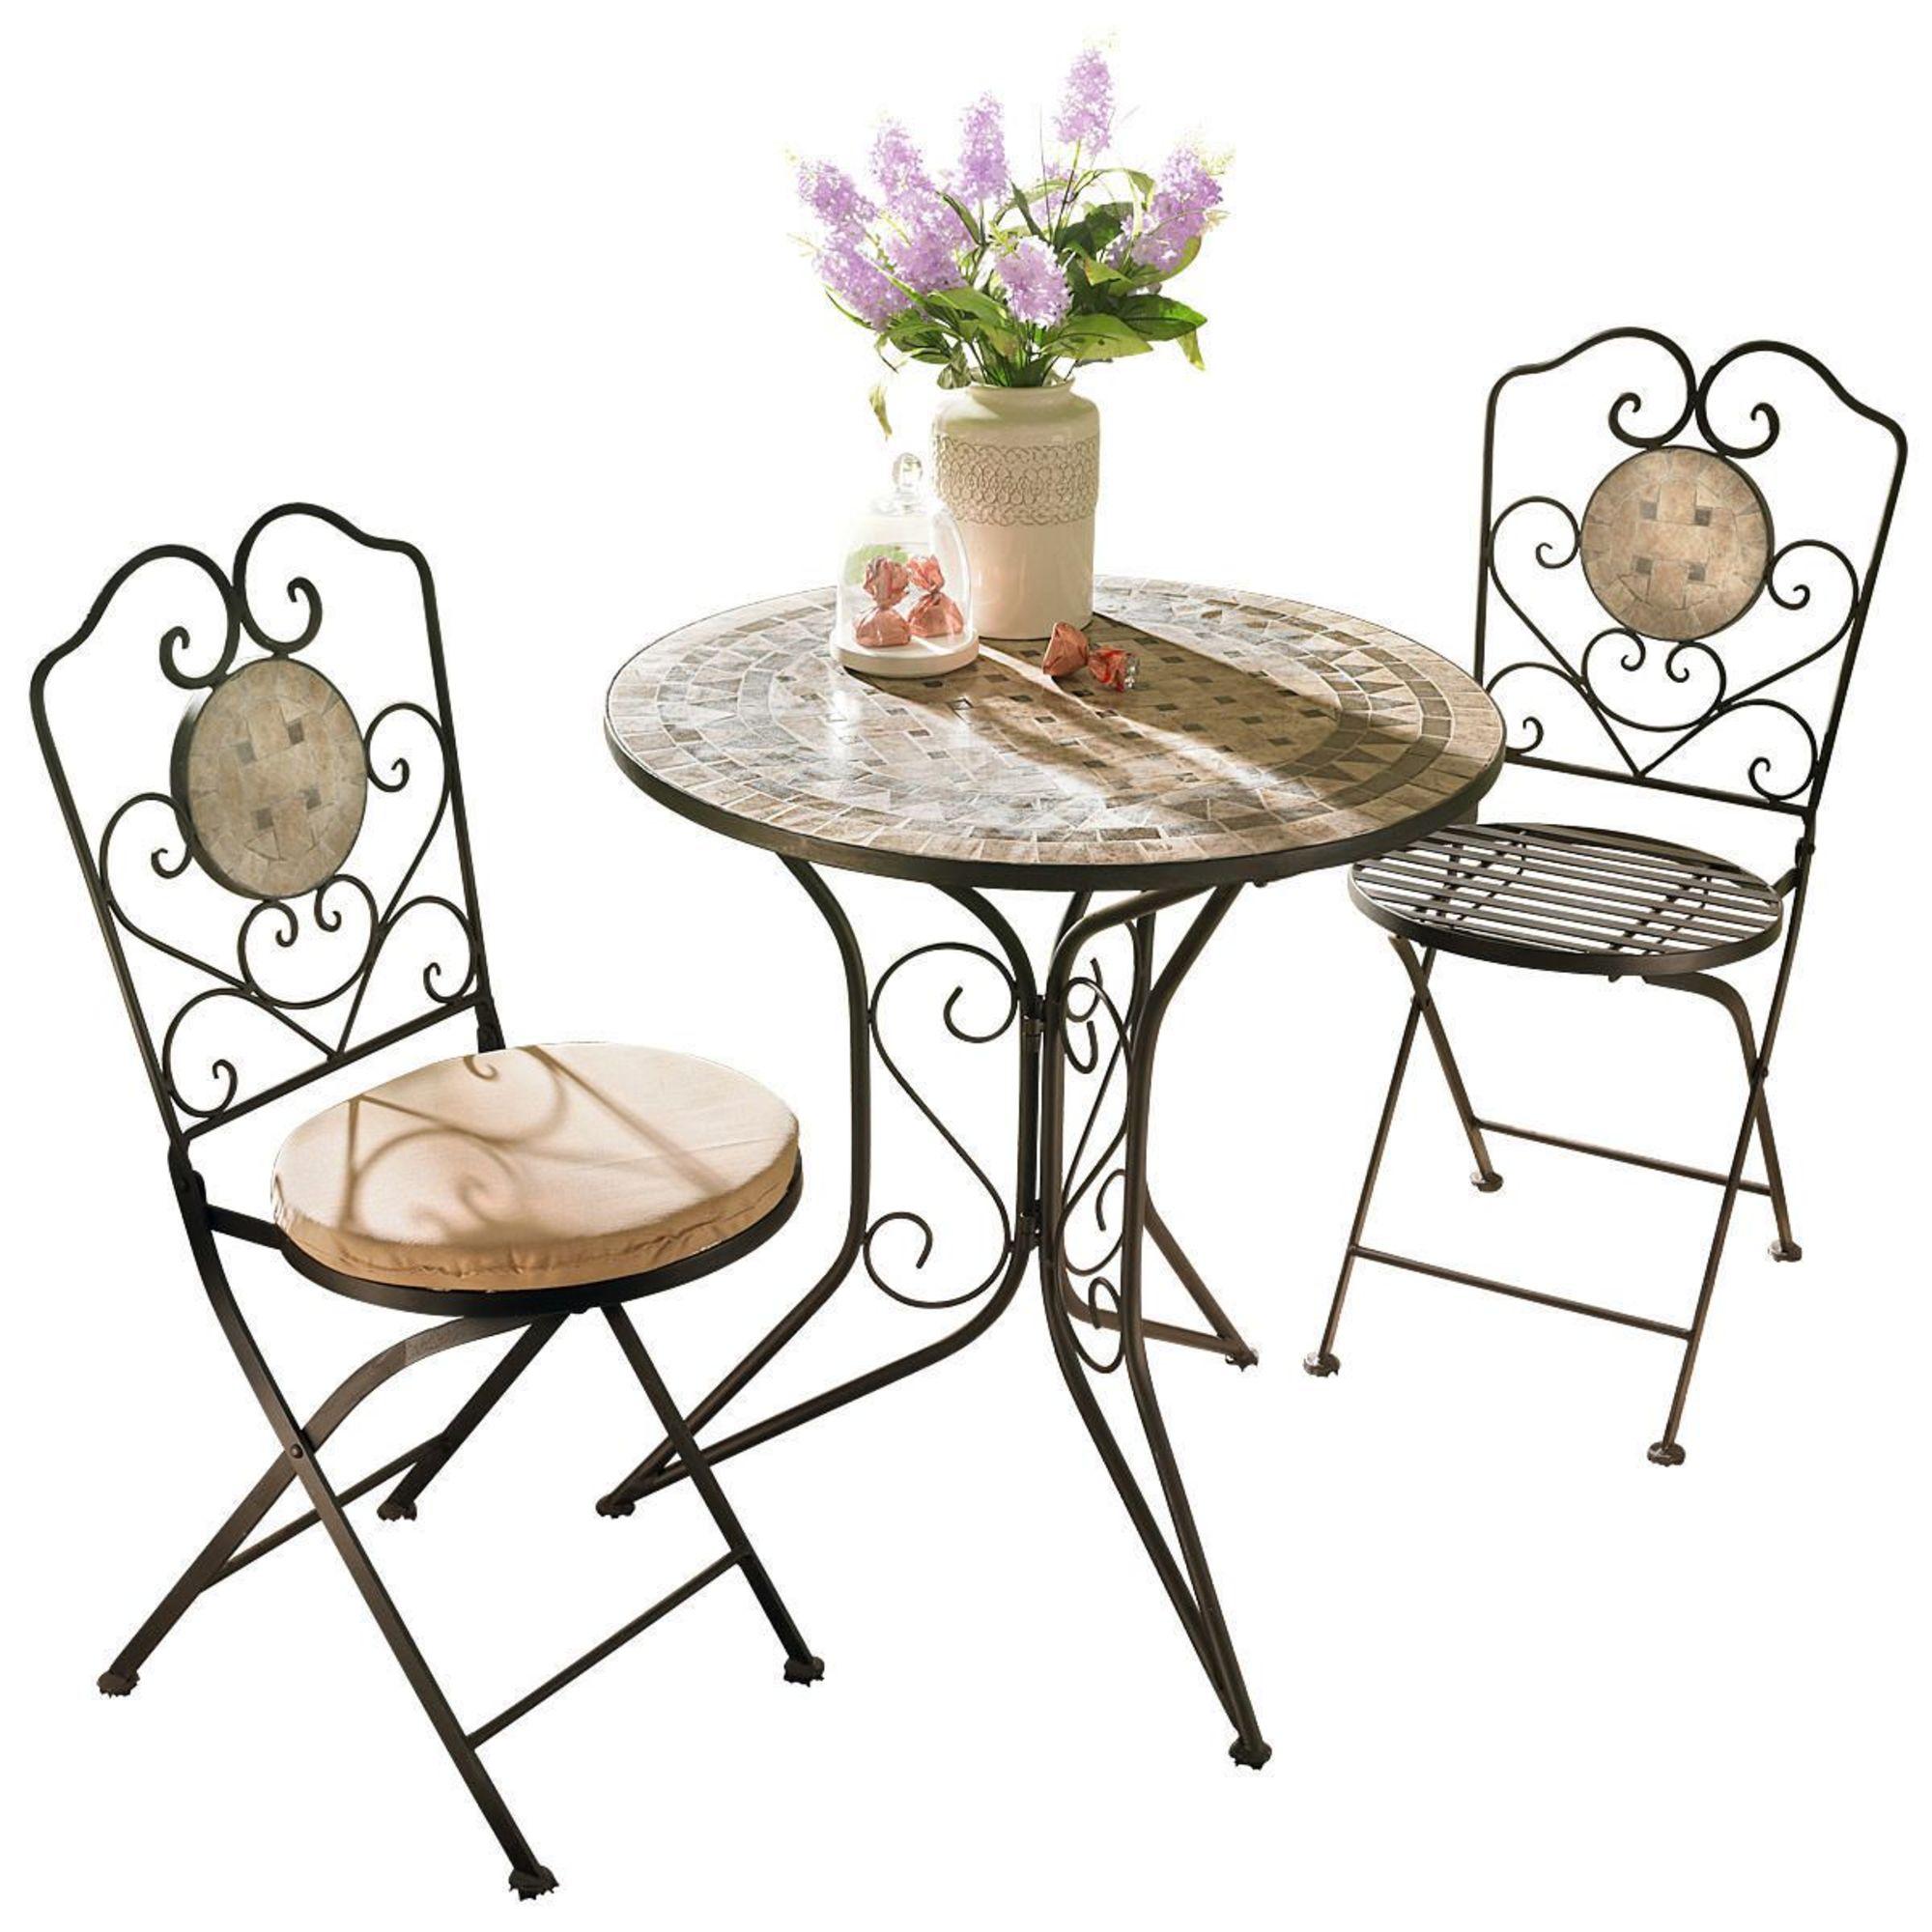 gartenmobel set metall. Black Bedroom Furniture Sets. Home Design Ideas